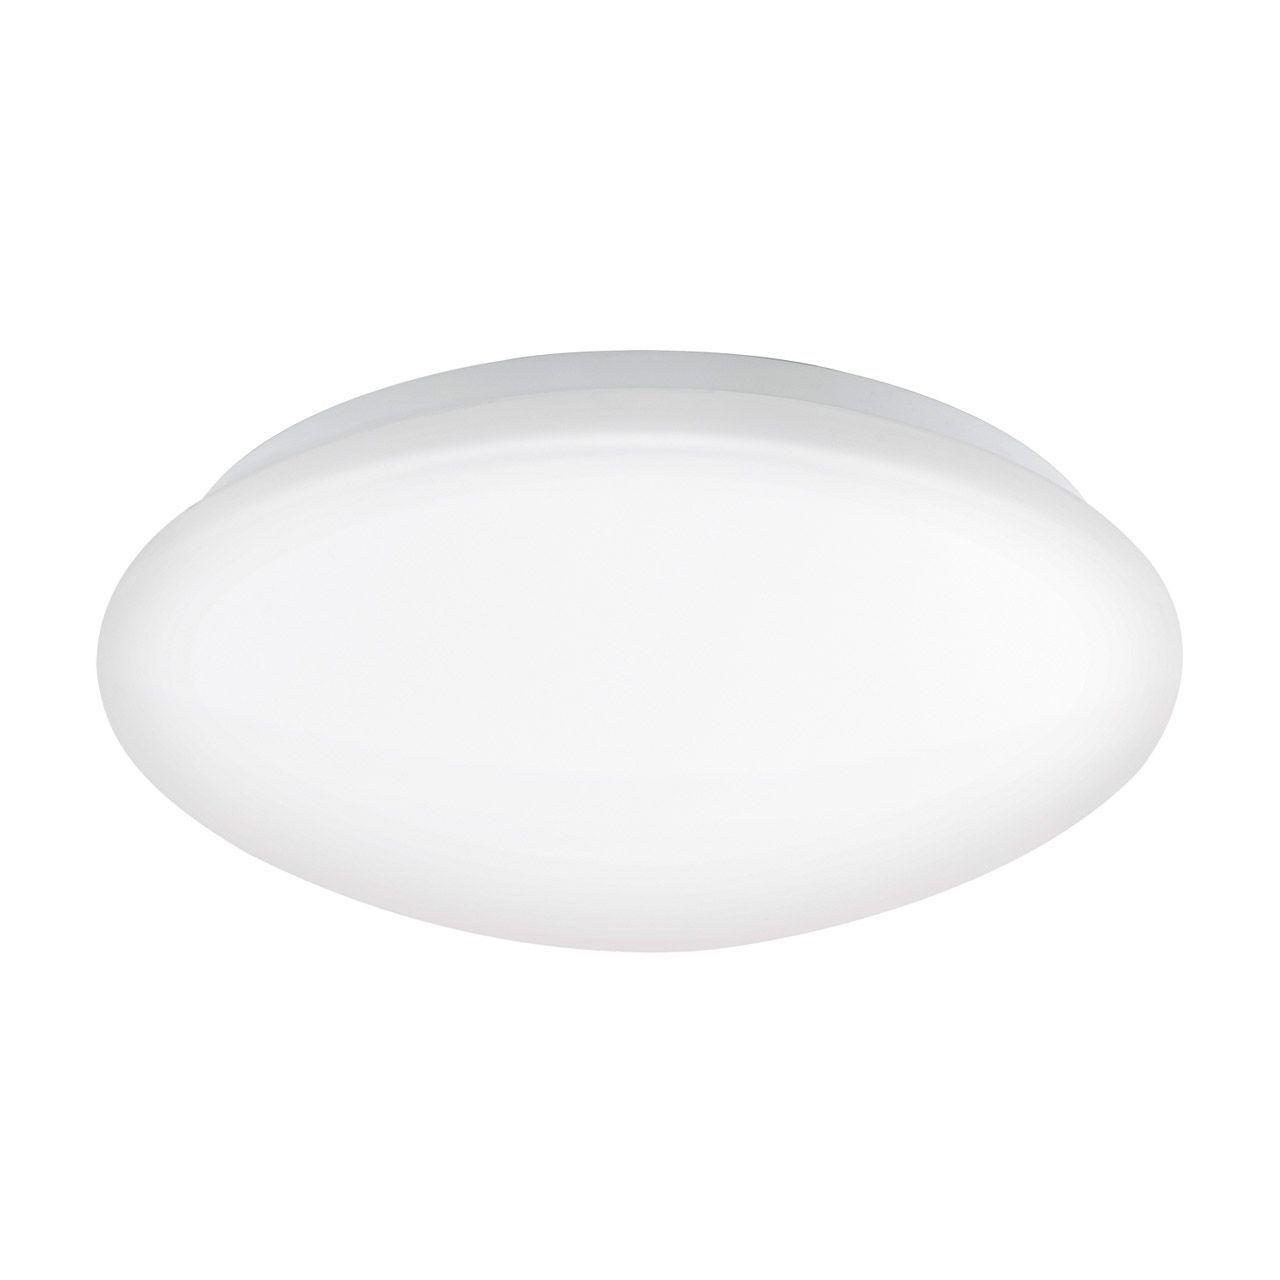 Потолочный светодиодный светильник Eglo Led Giron 95003 cветильник светодиодный eglo harmonie led 13вт